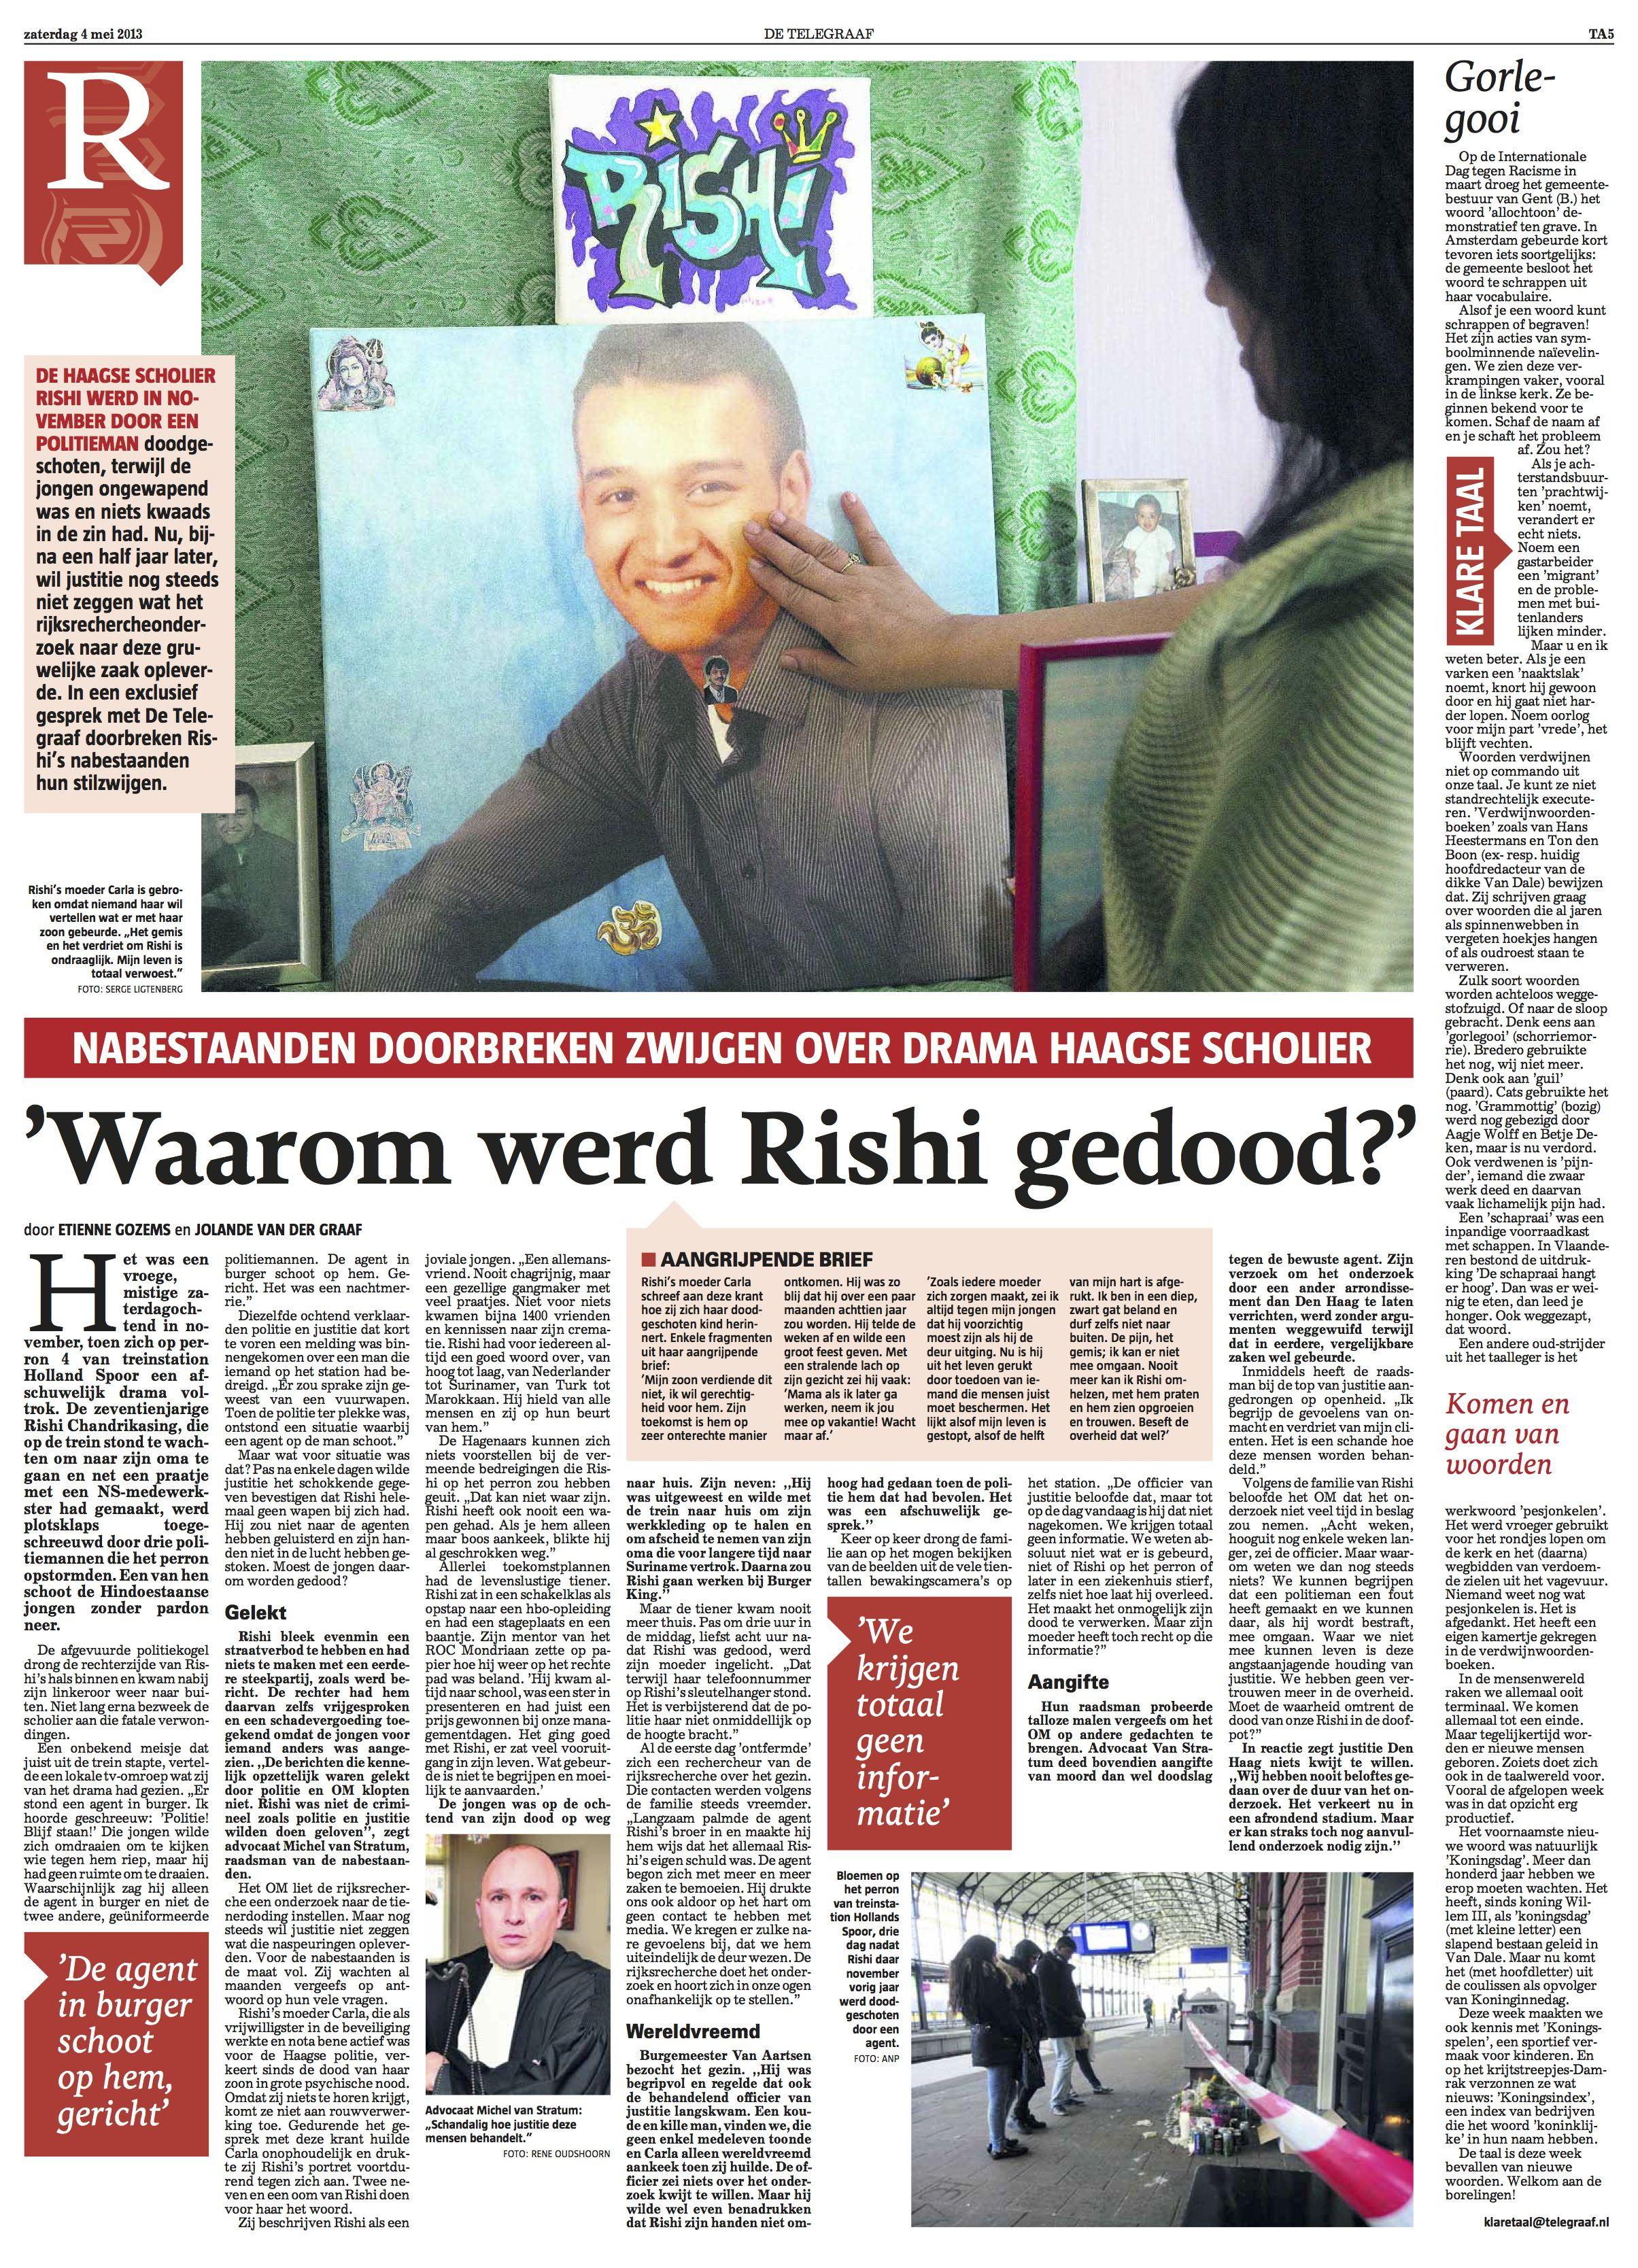 Waarom werd Rishi gedood?